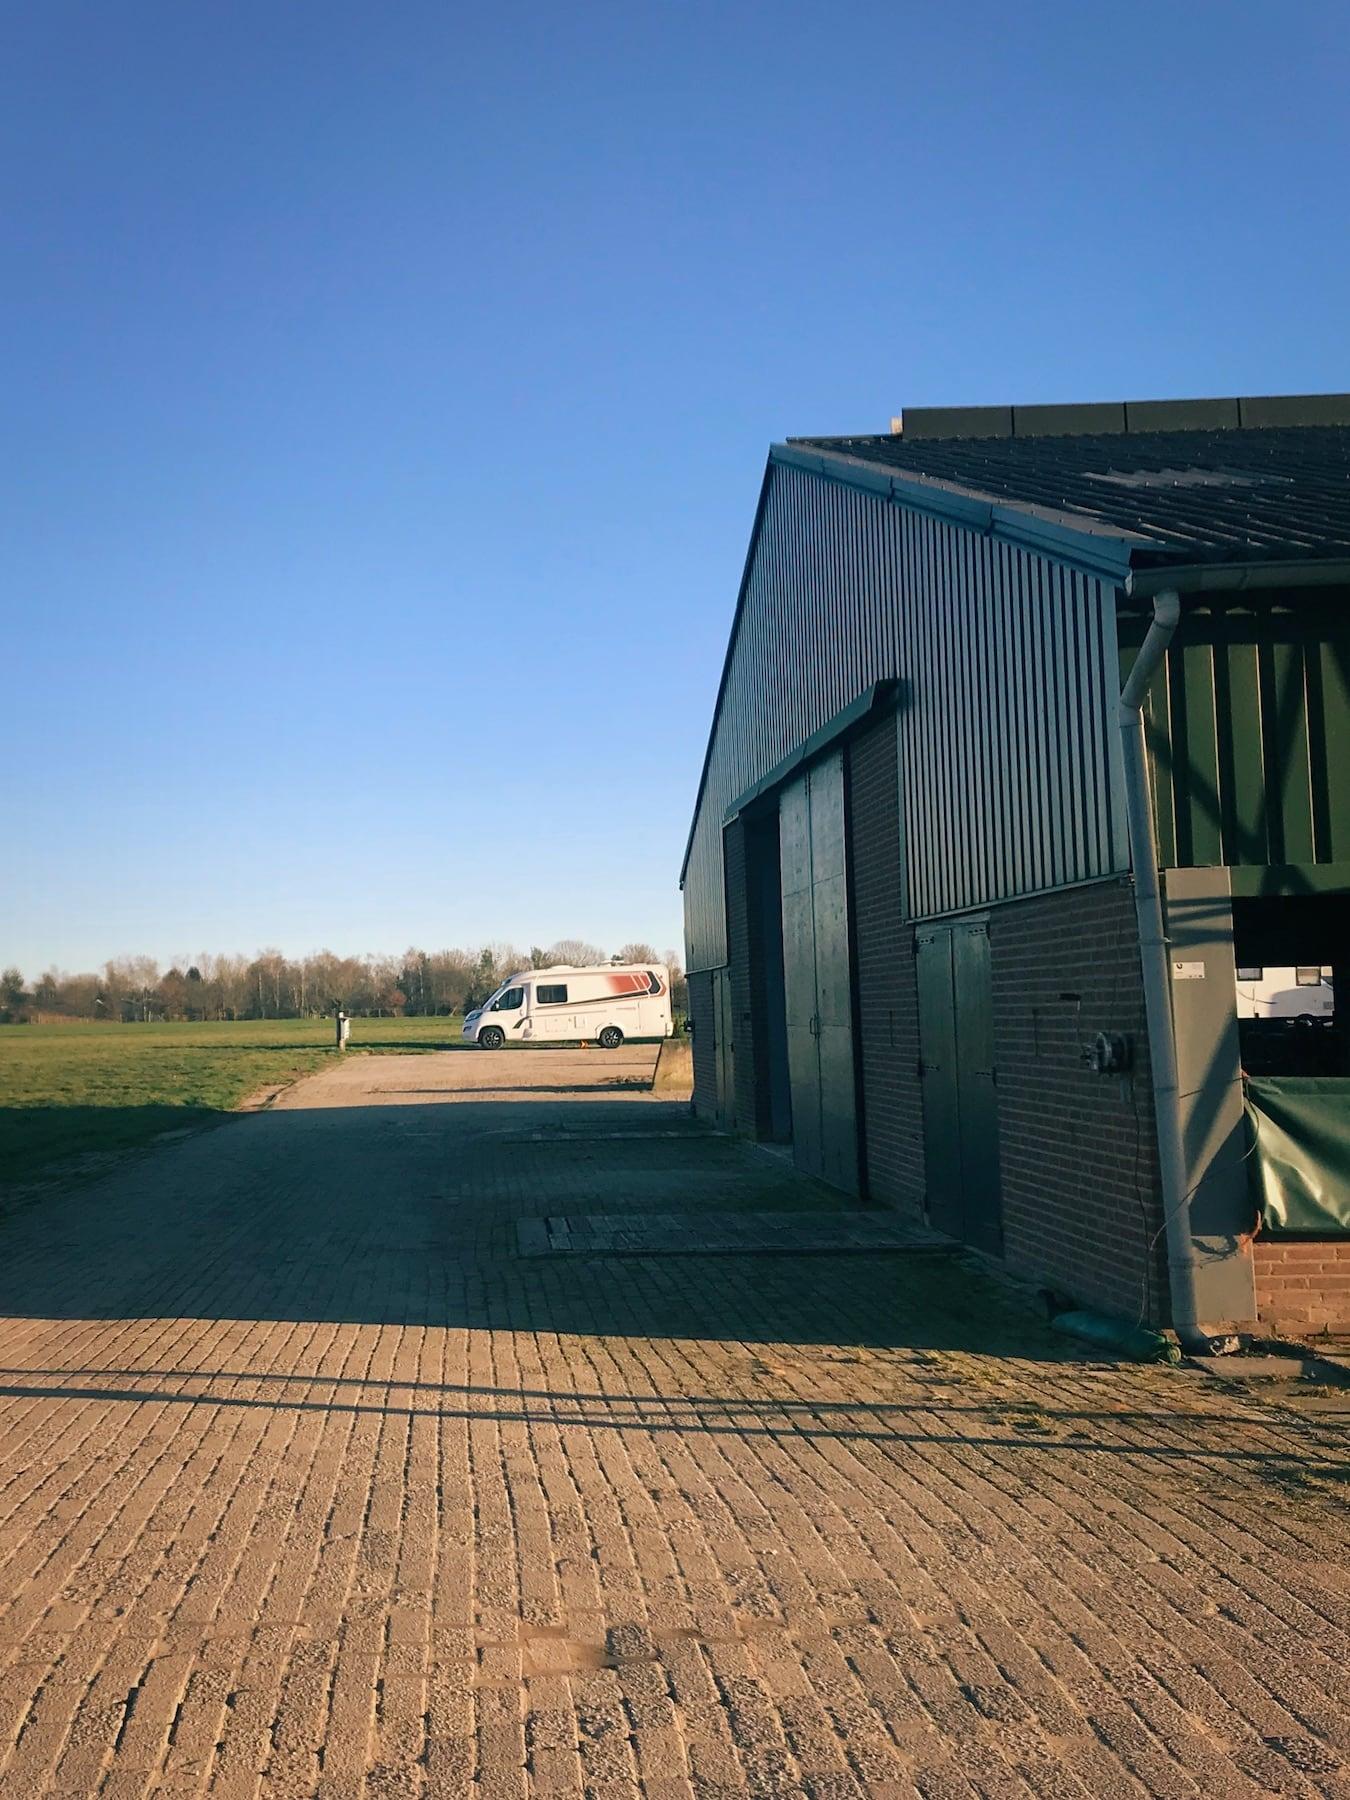 Bauernhof feeling in Nijmegen